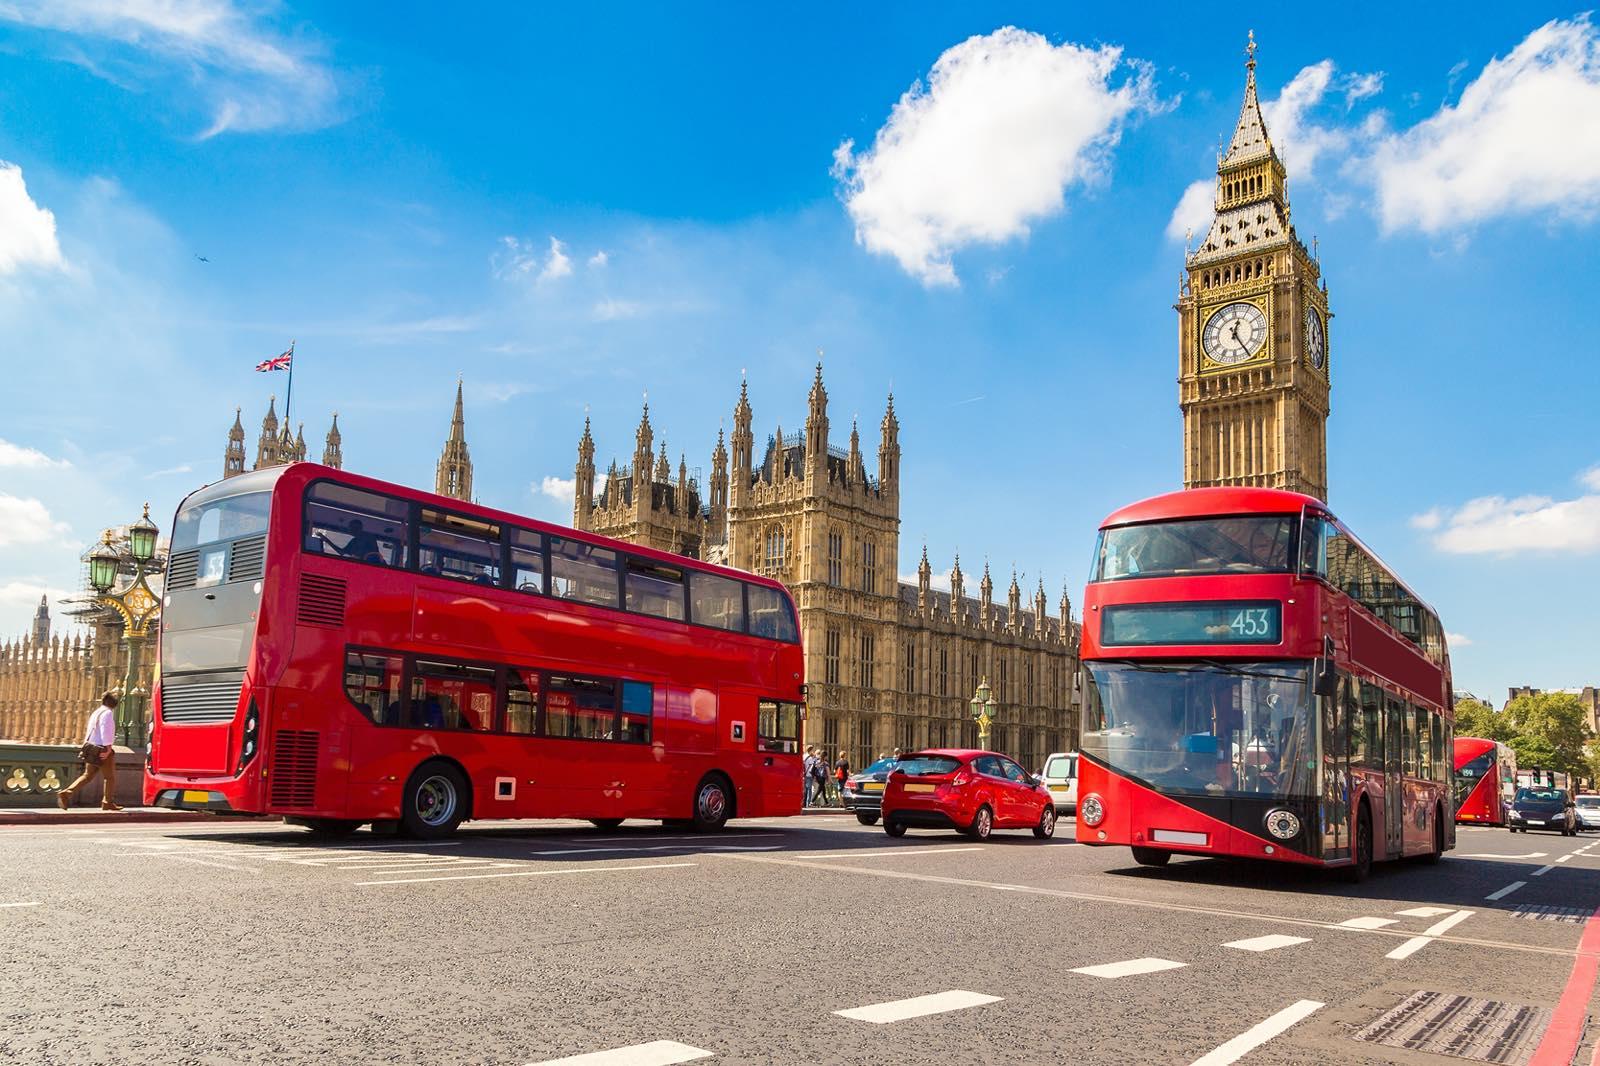 ロンドンの時計台と赤いバス